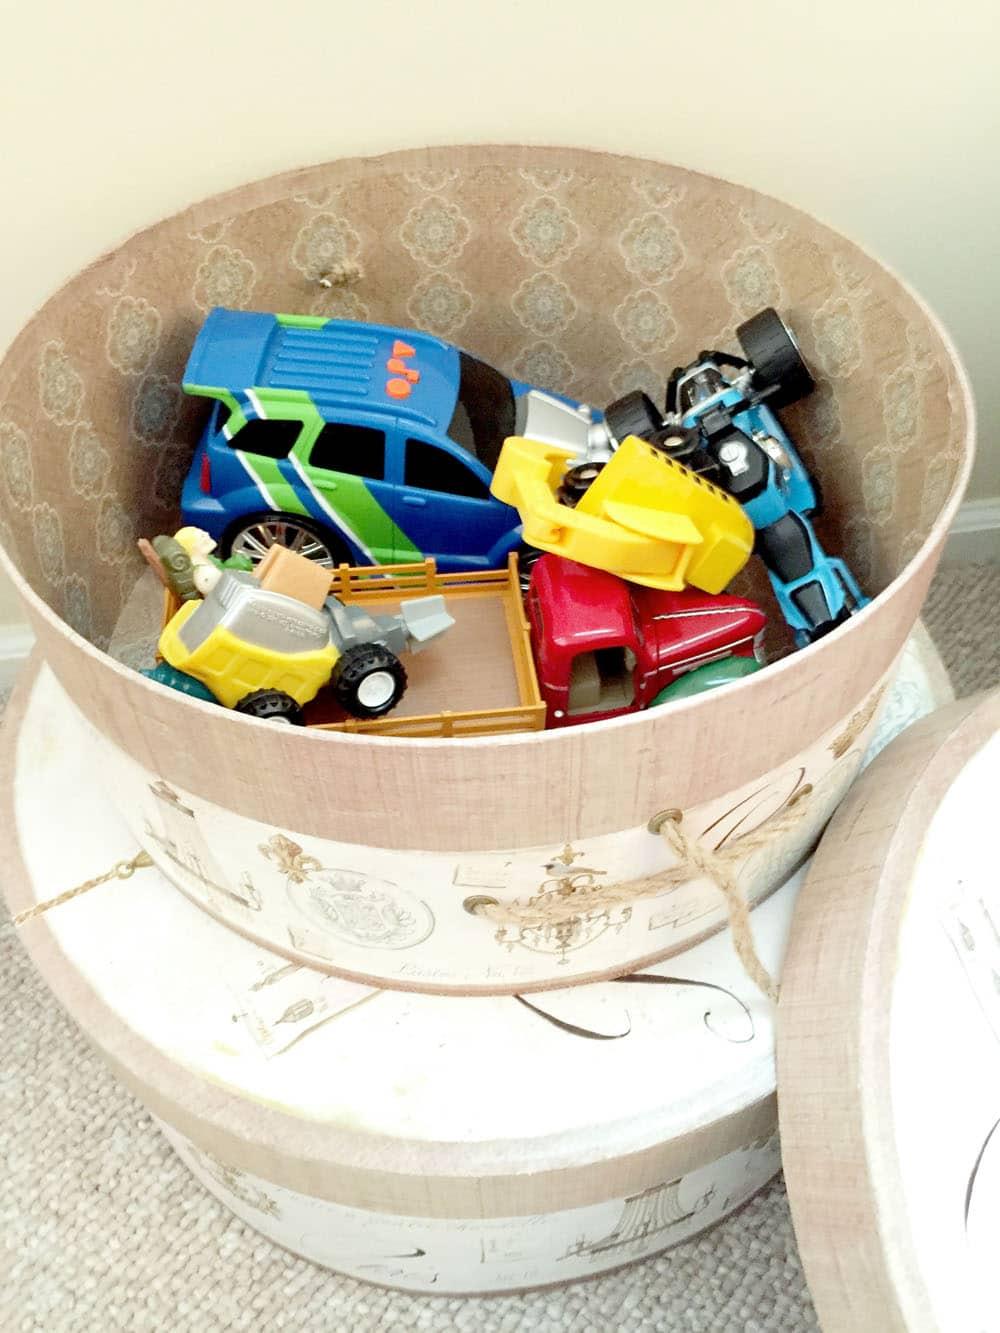 DIY Home Organization Tips - Hidden Toy Storage